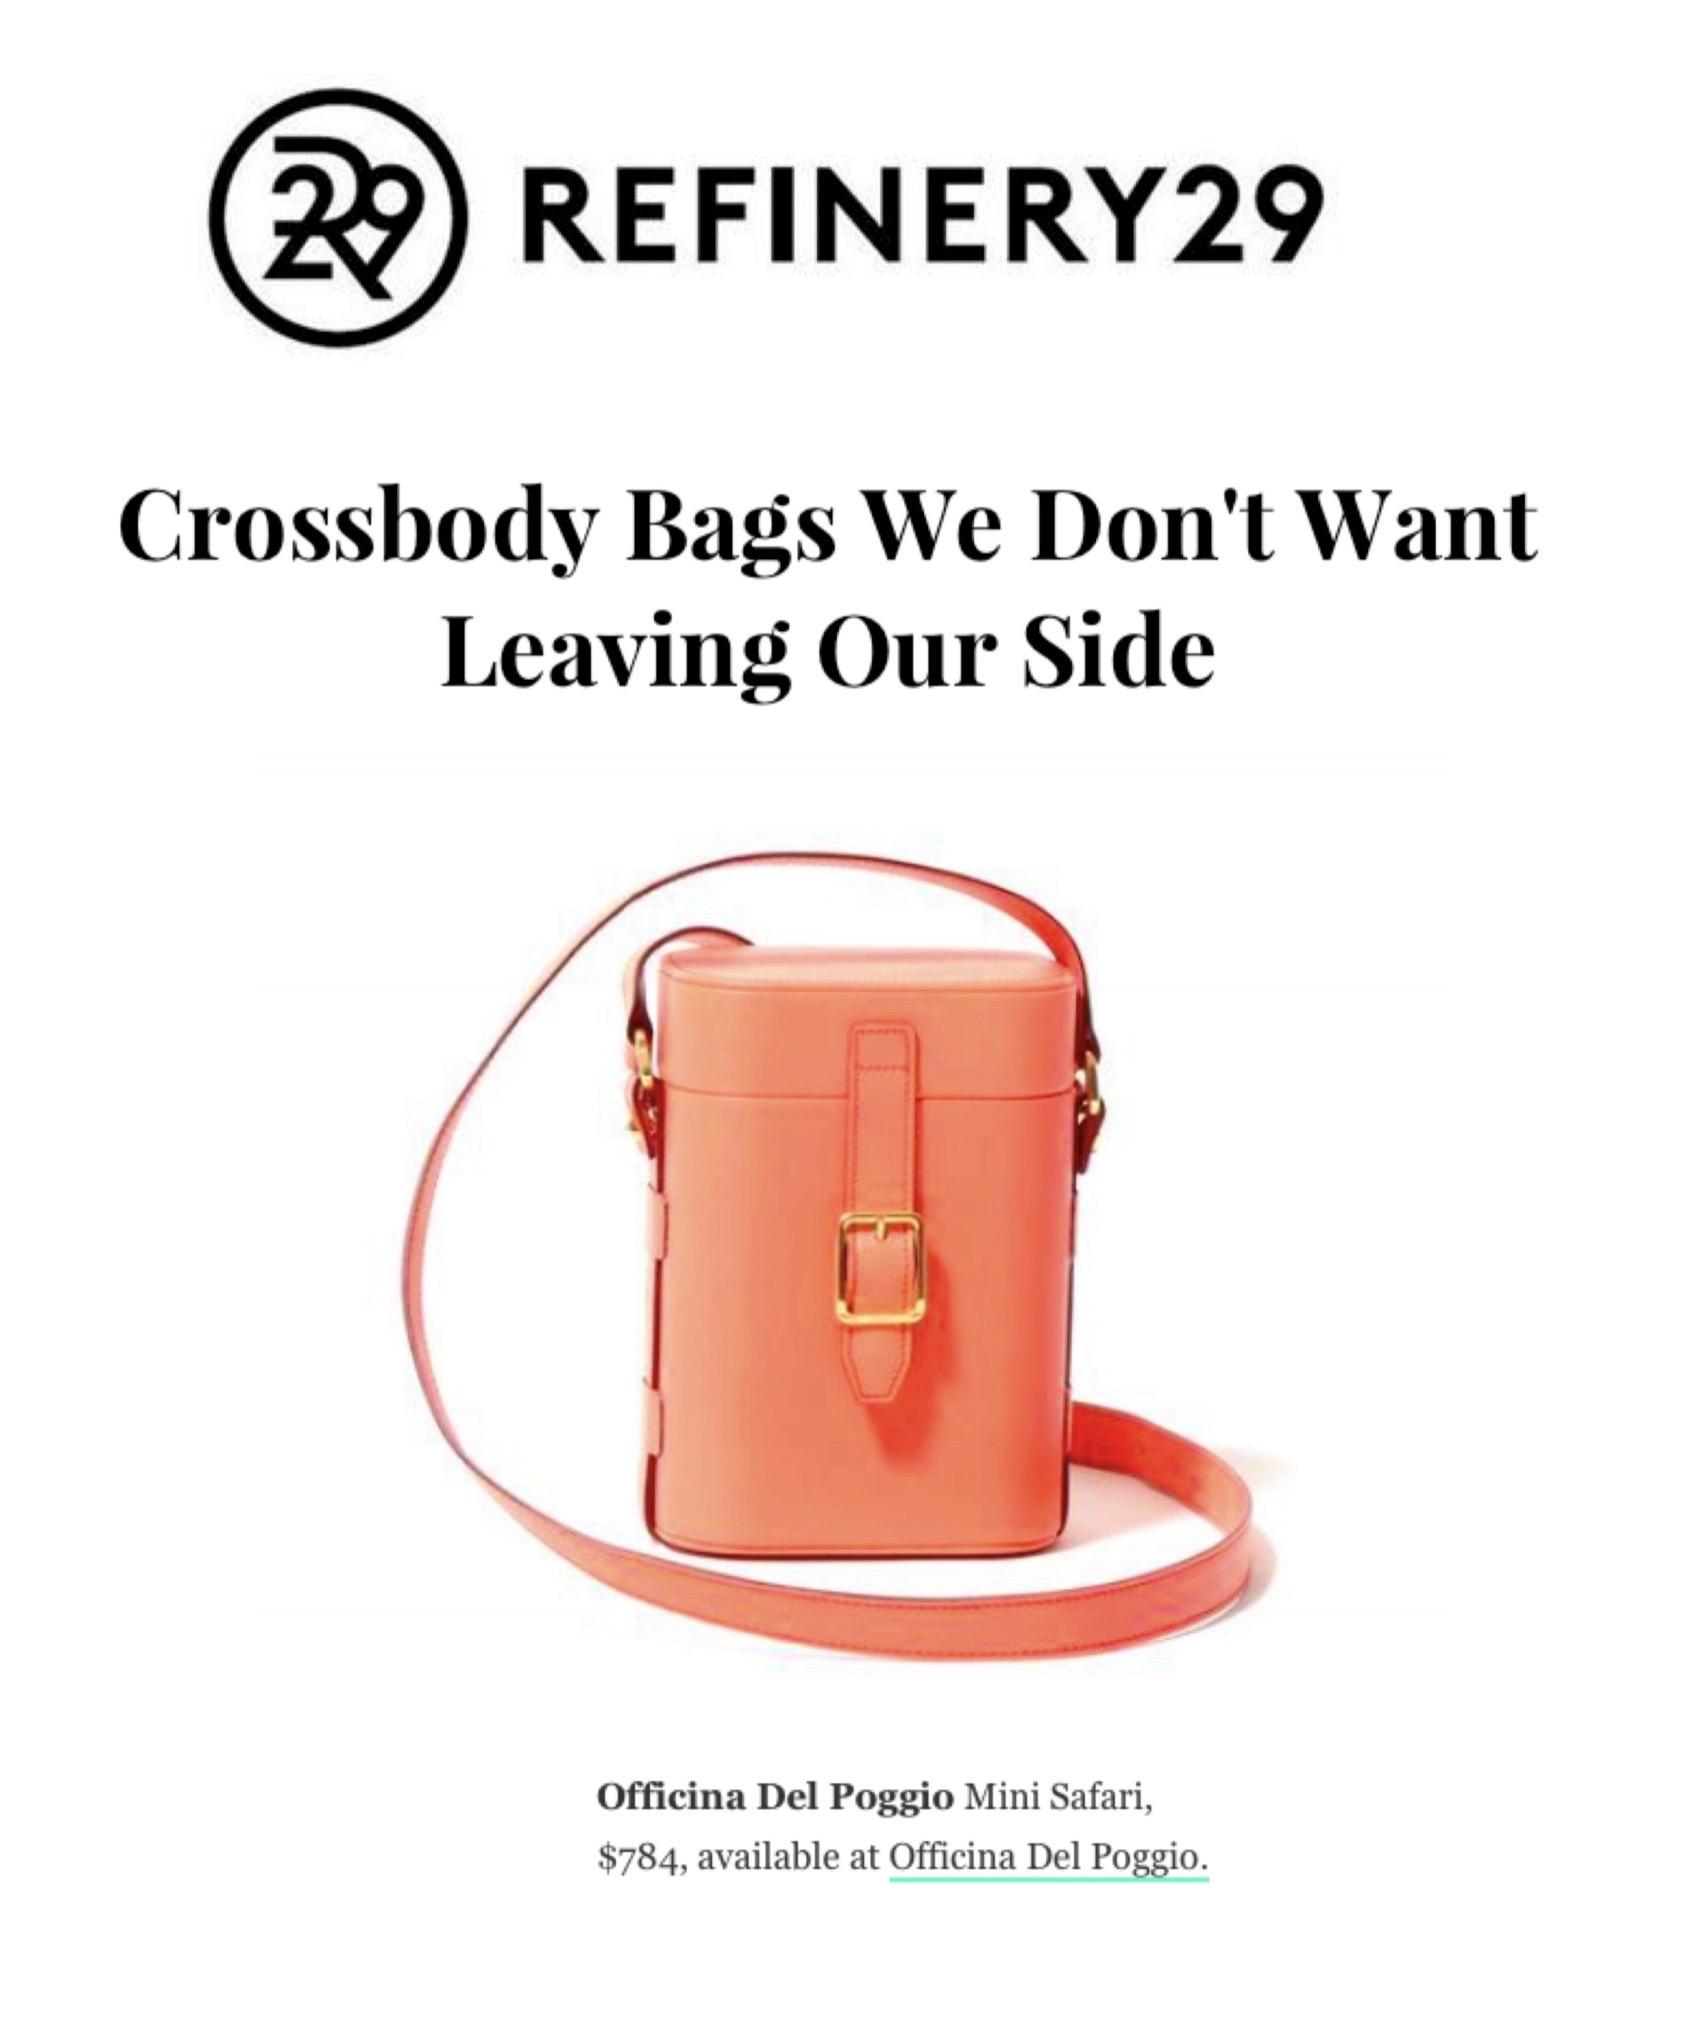 refinery29-fashion-officina-del-poggio-odp-bag